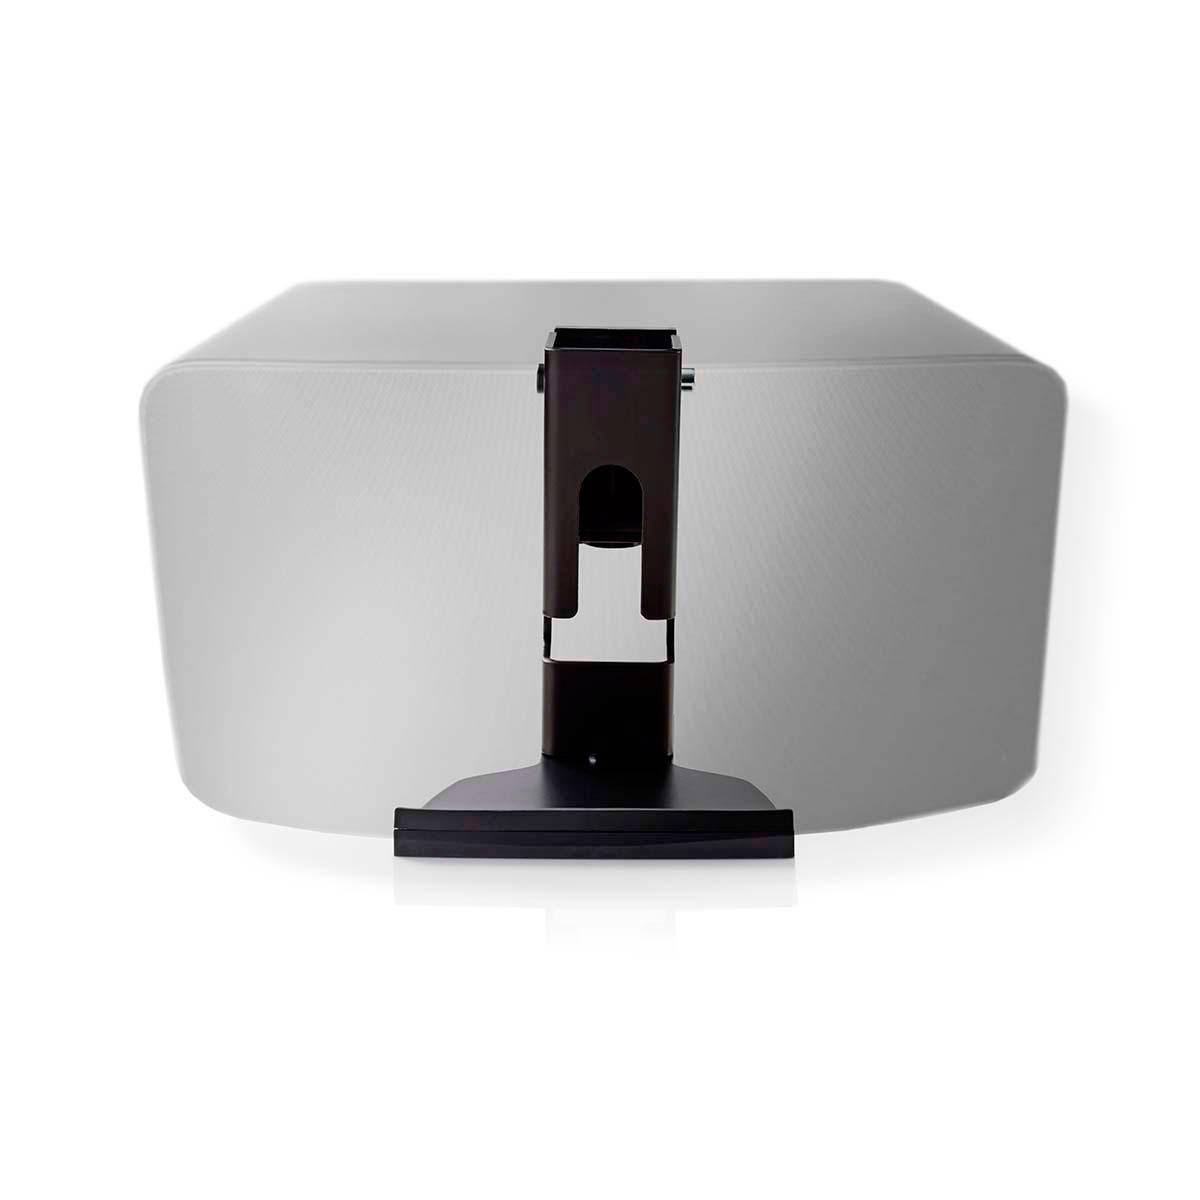 Højmoderne Sonos Play:5-Gen.2 vægbeslag (7kg) Sort - Nedis - Køb her JE-54